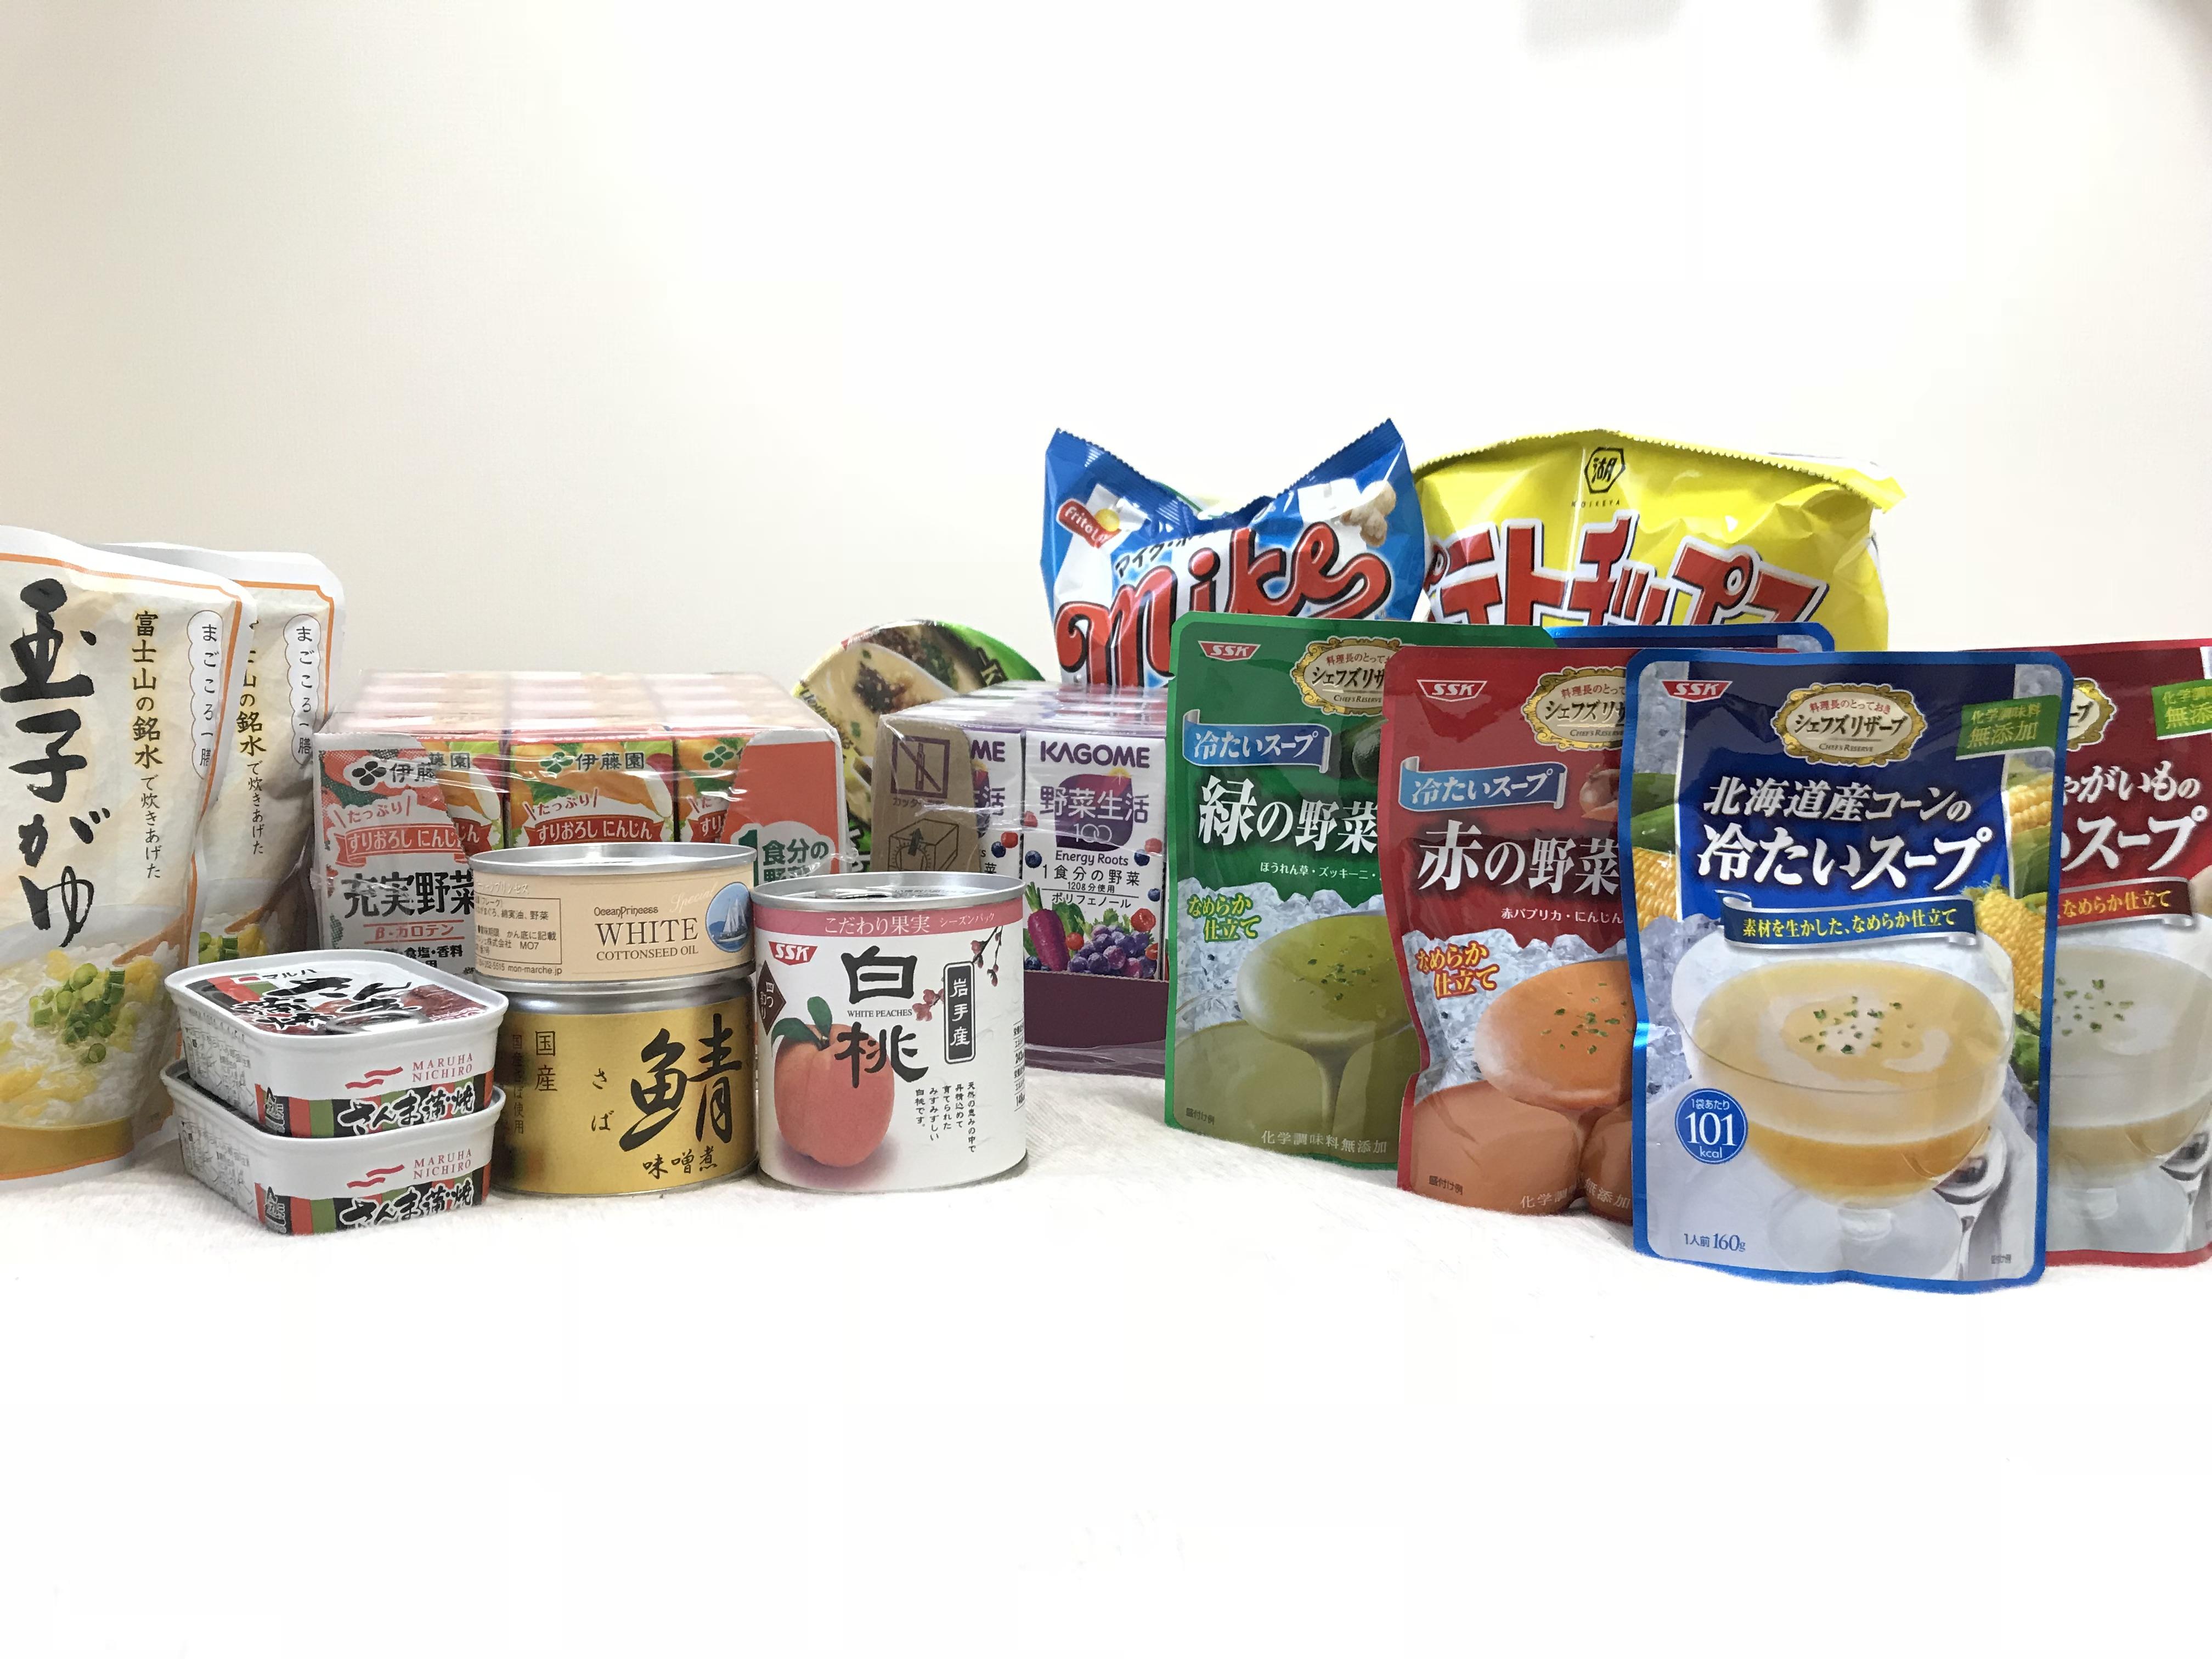 LIMIA投稿:【防災】普段から美味しい!備蓄にも最適!栄養バランスを考えて常備しておきたい3つの食品